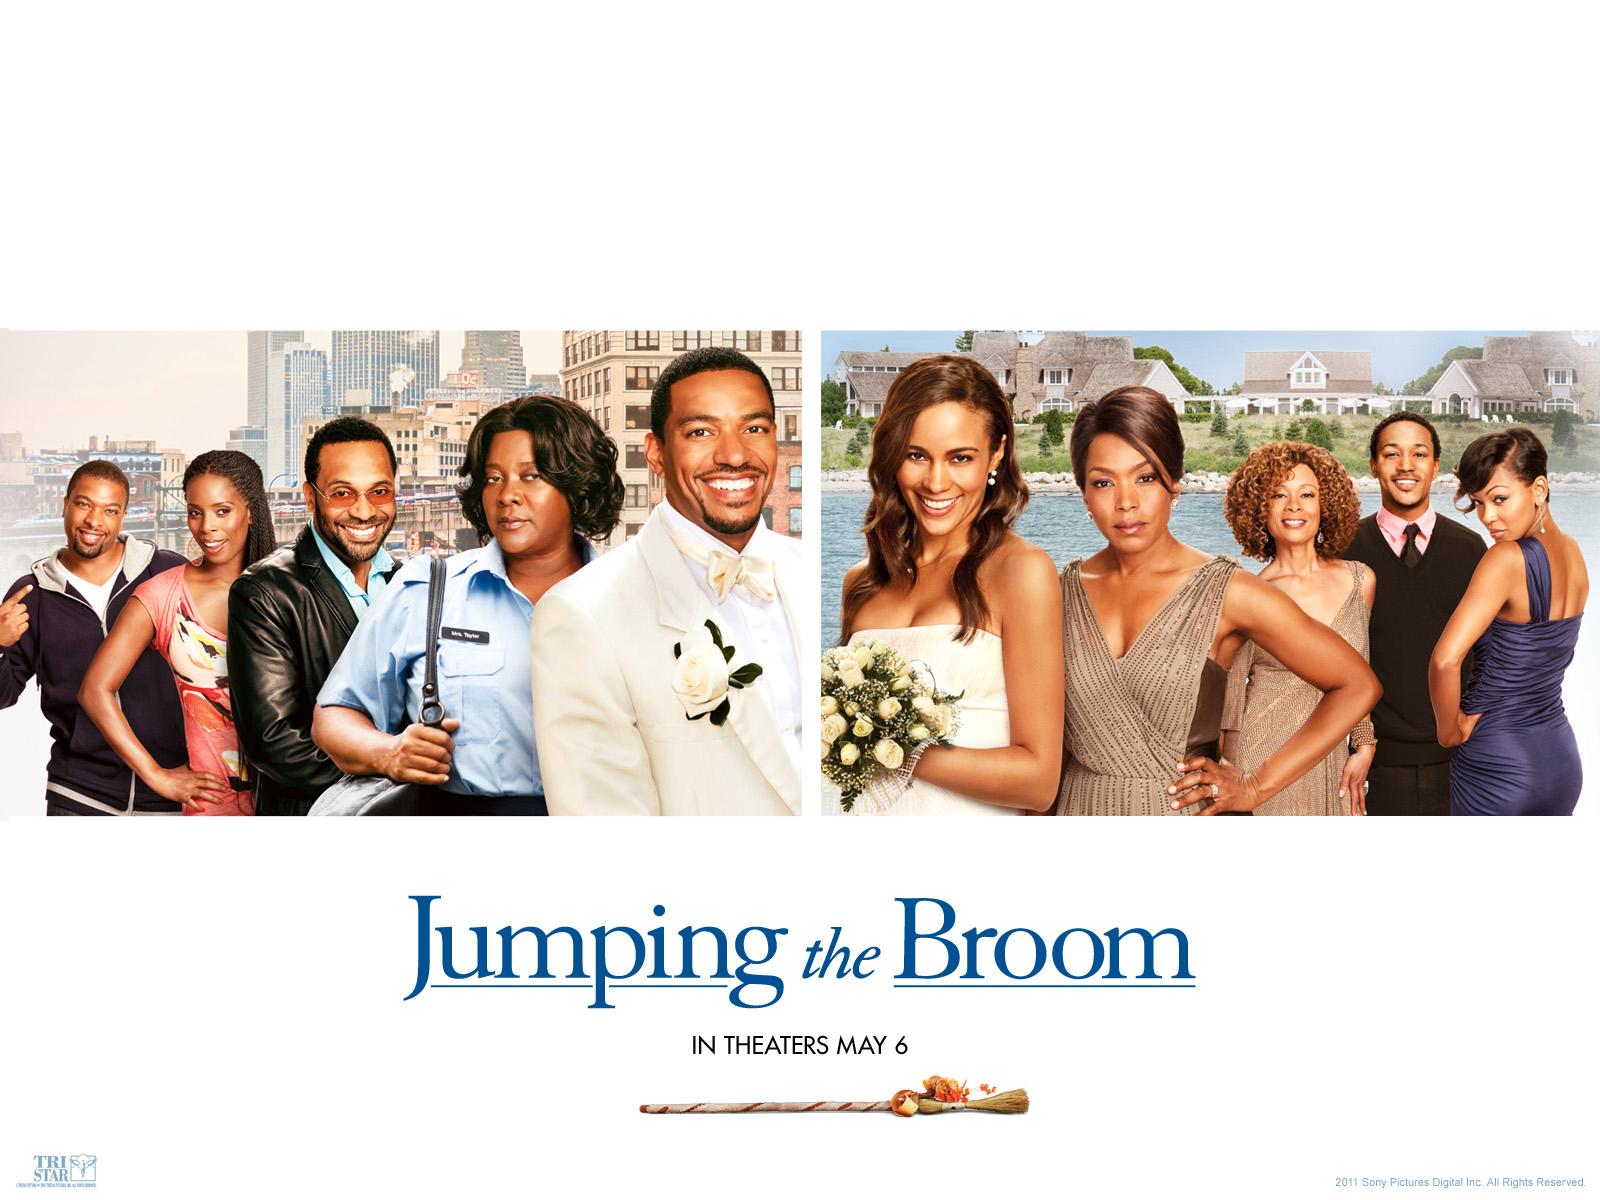 Испытание свадьбой фильм 2011